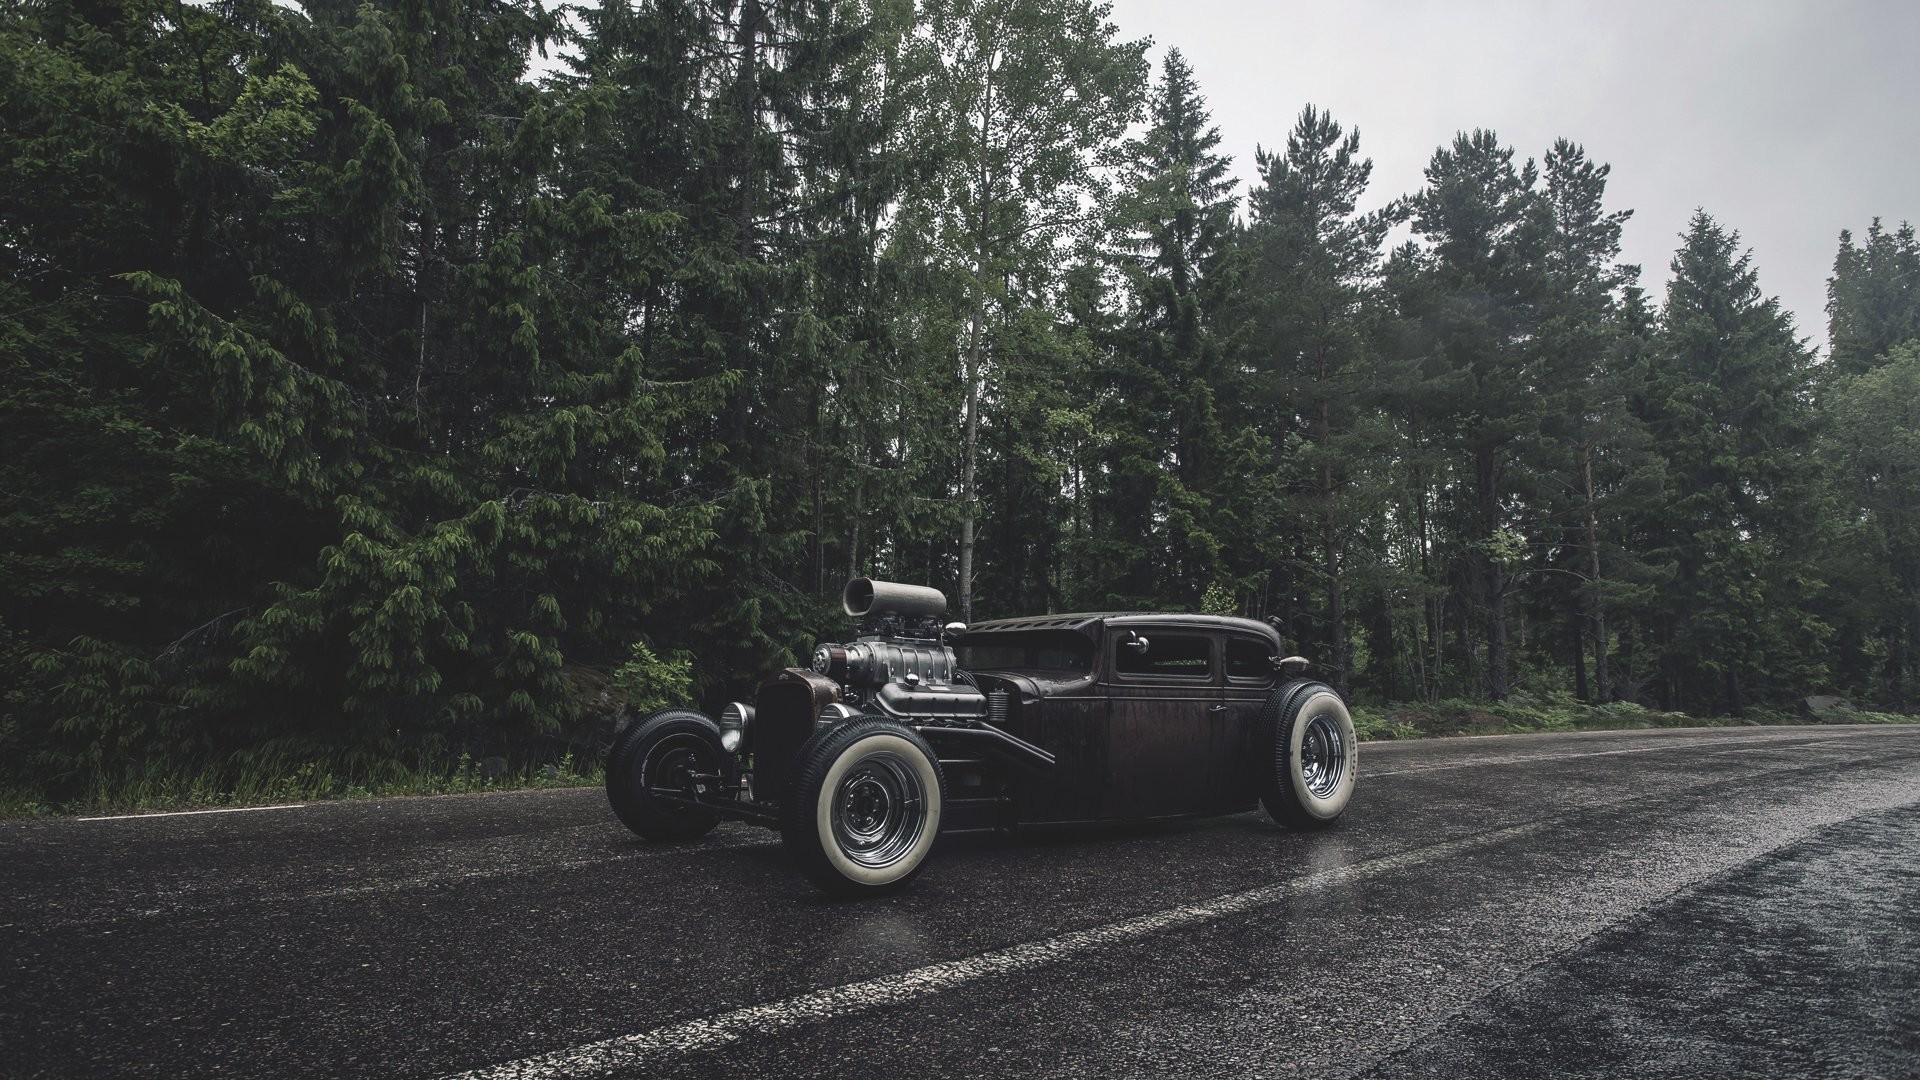 Black Hot Rod 3 - Antique Car - HD Wallpaper